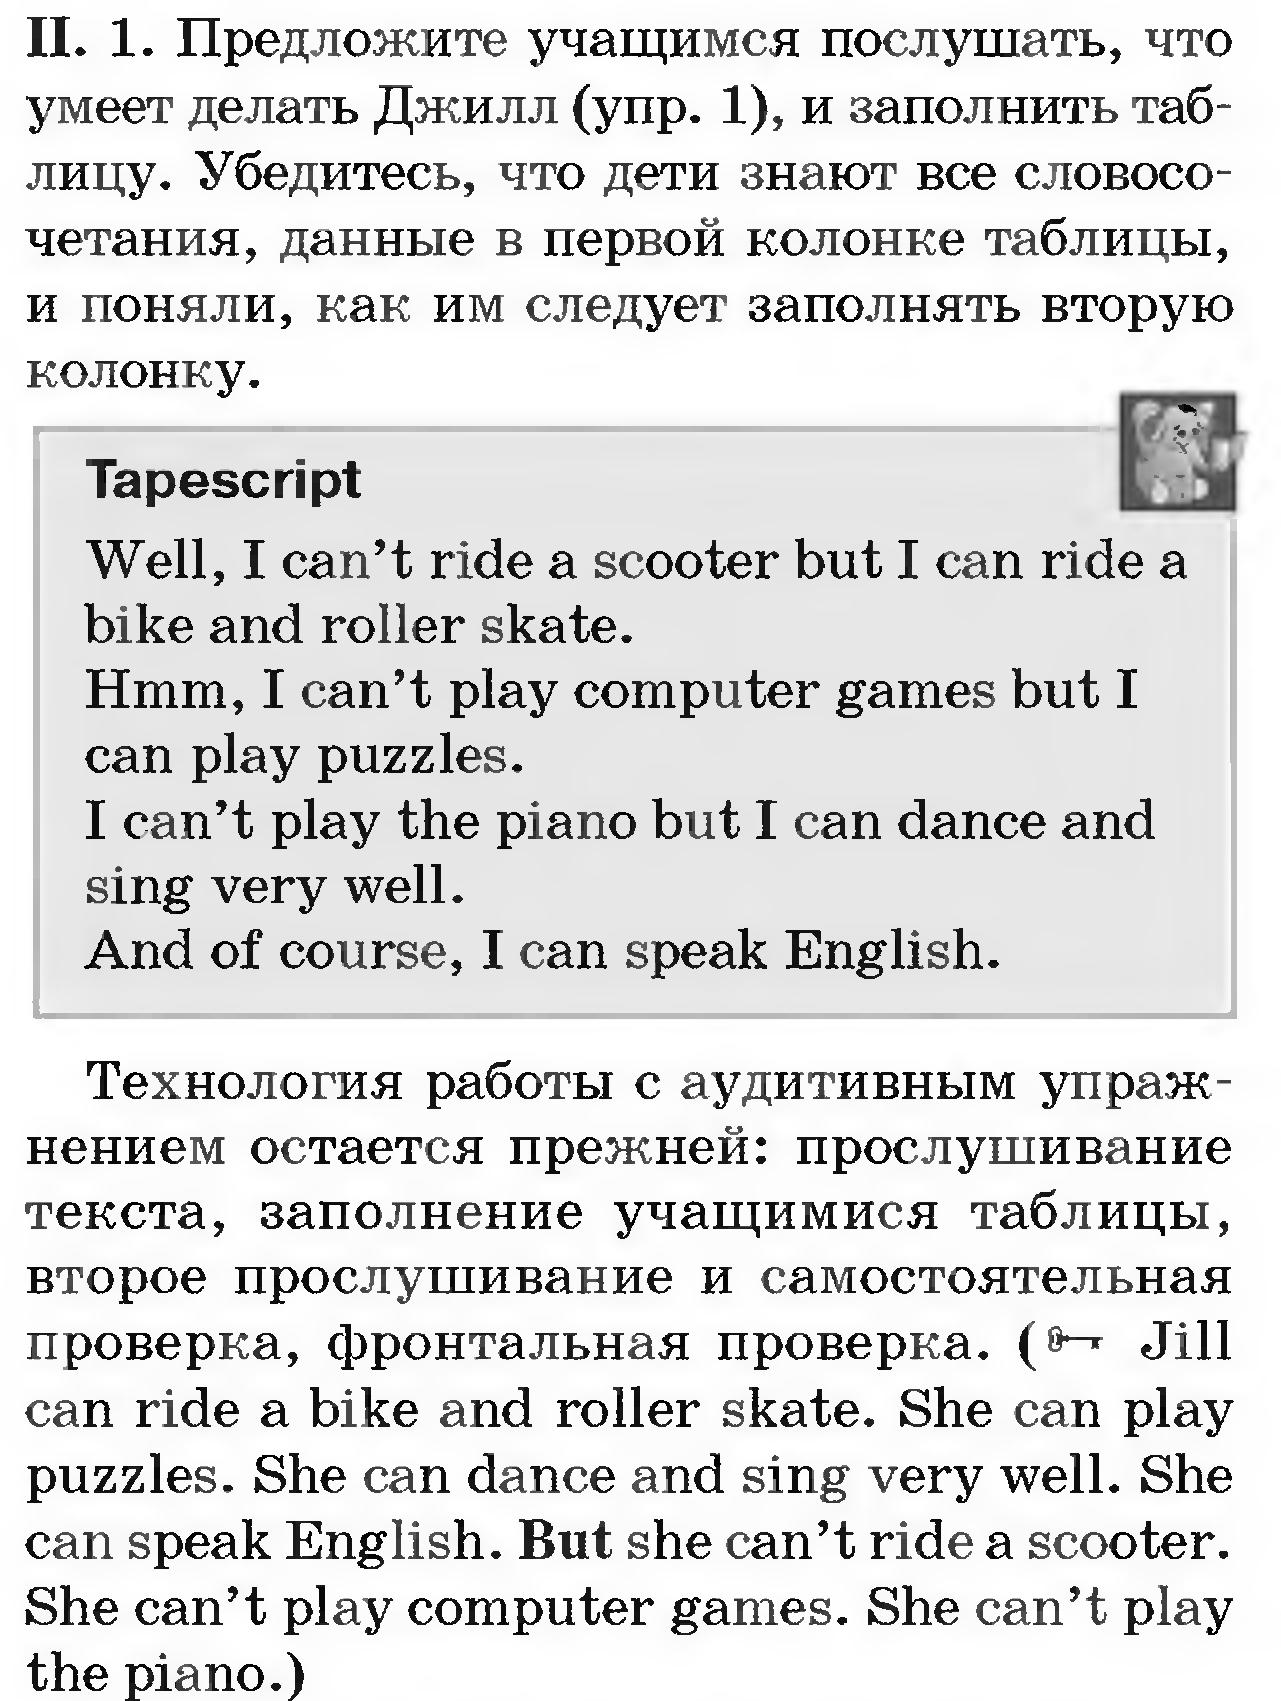 План-конспект урока по русскому языку повторение темы лексика 2 класс фгос